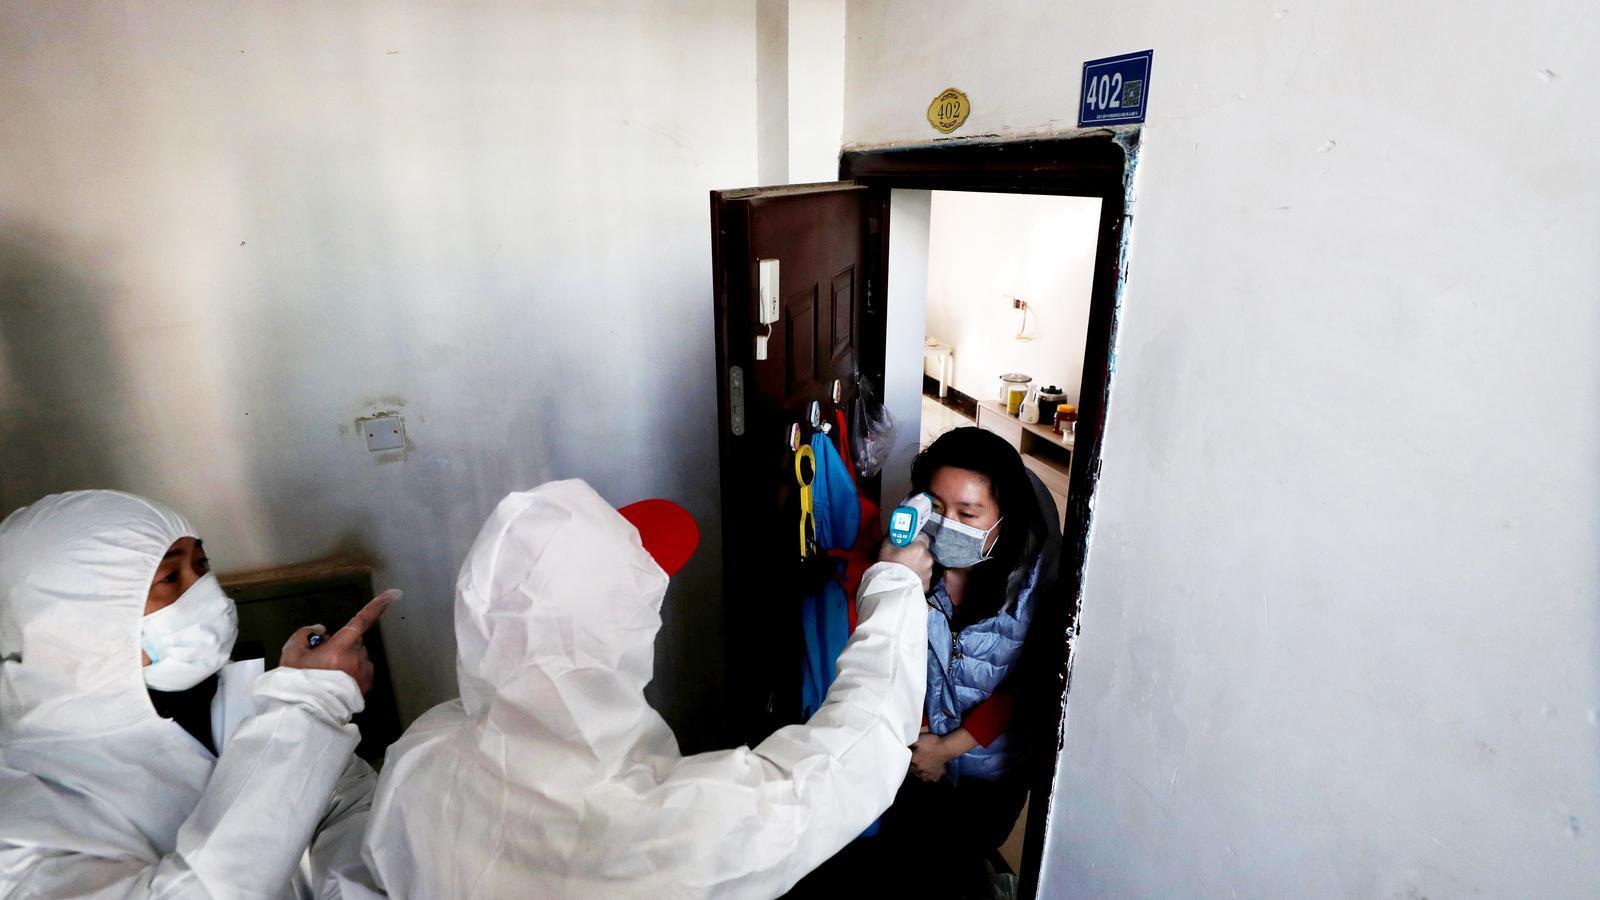 Les autoritats xineses estan endurint les mesures de contenció, amb una nova onada d'inspeccions casa per casa per localitzar persones infectades